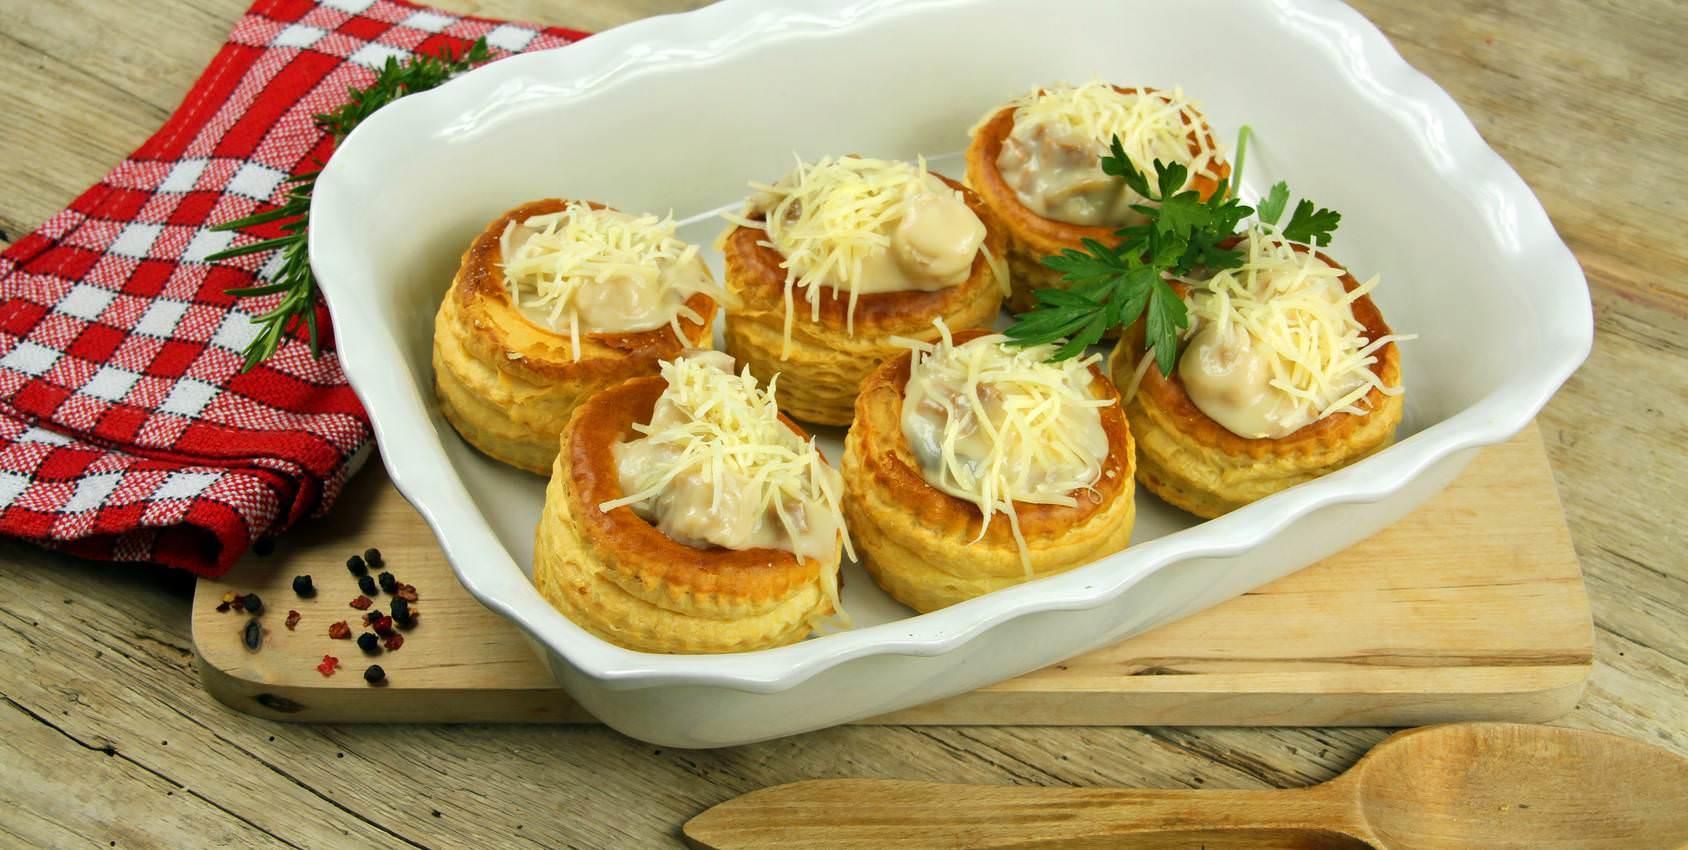 Bouch es la reine un grand classique de la cuisine fran aise une recette gourmande les - Grand classique cuisine francaise ...